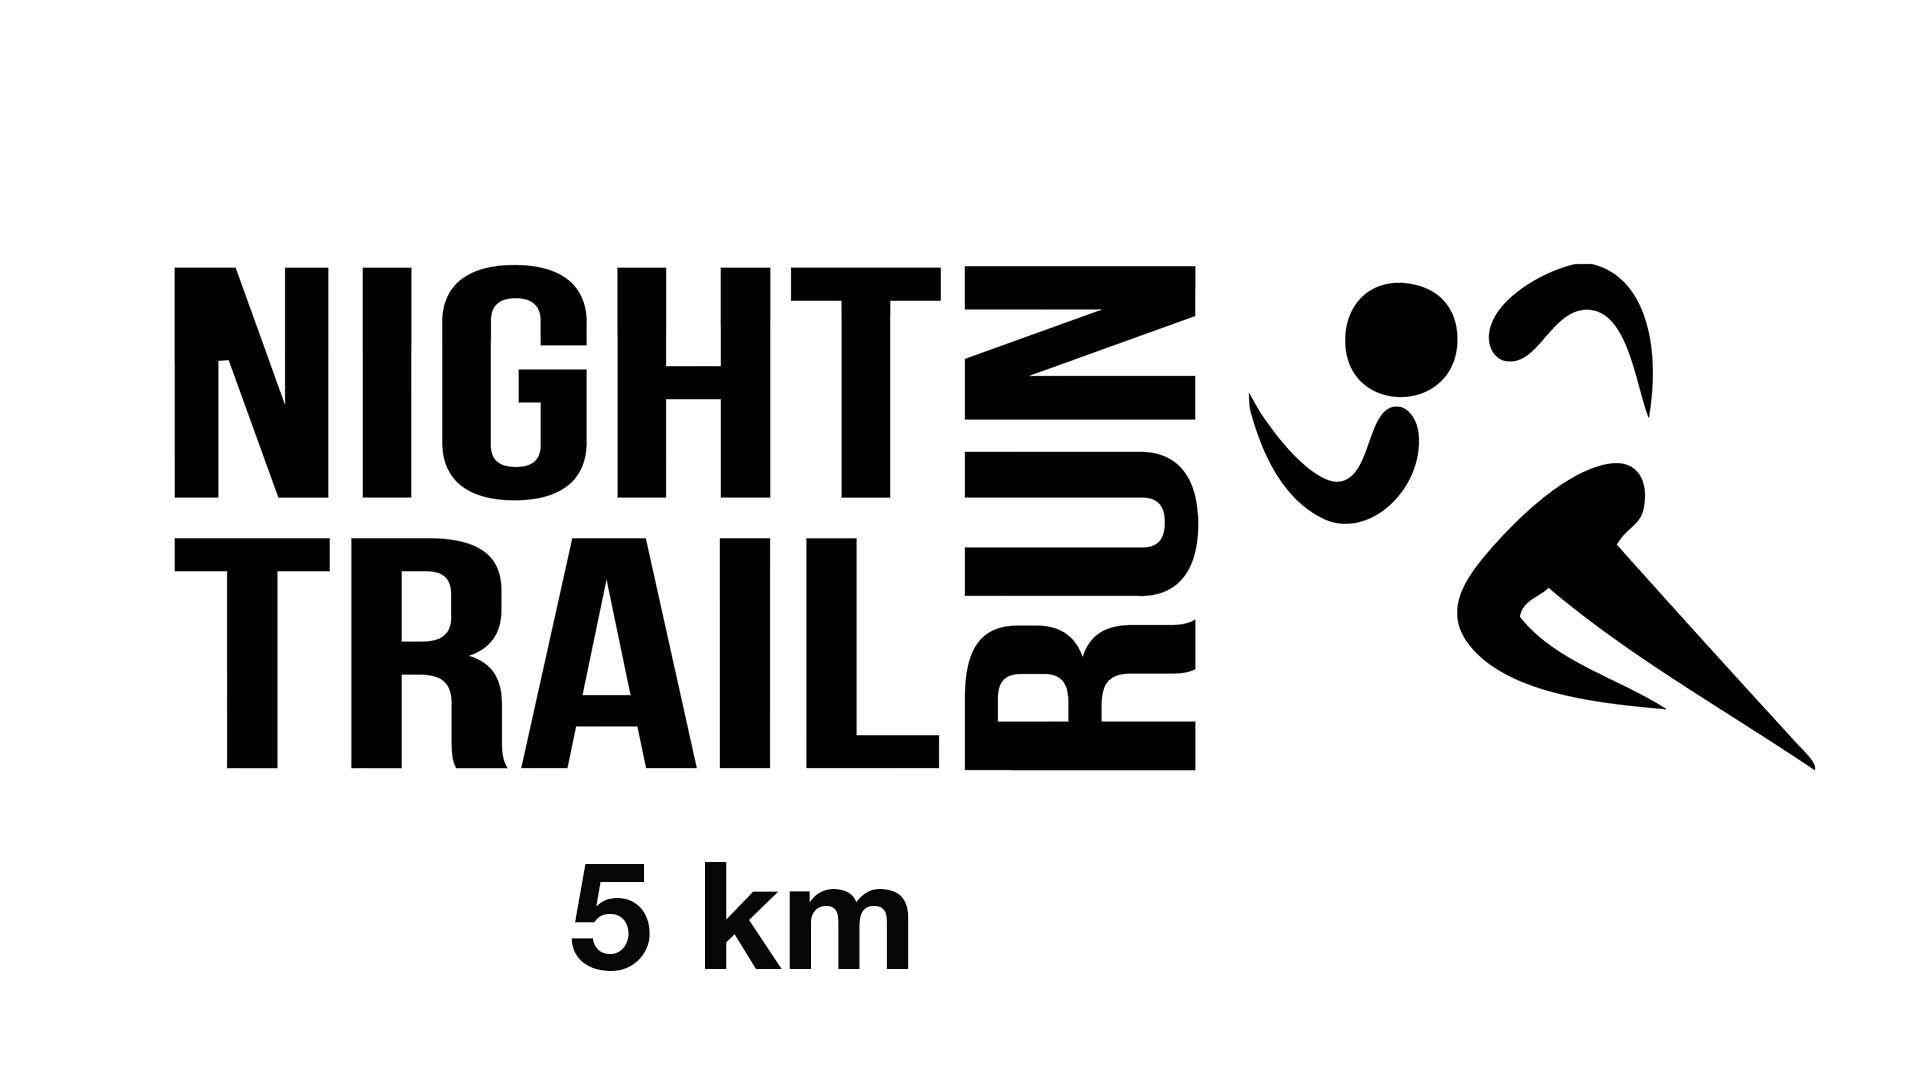 Night Trail Run 5 km